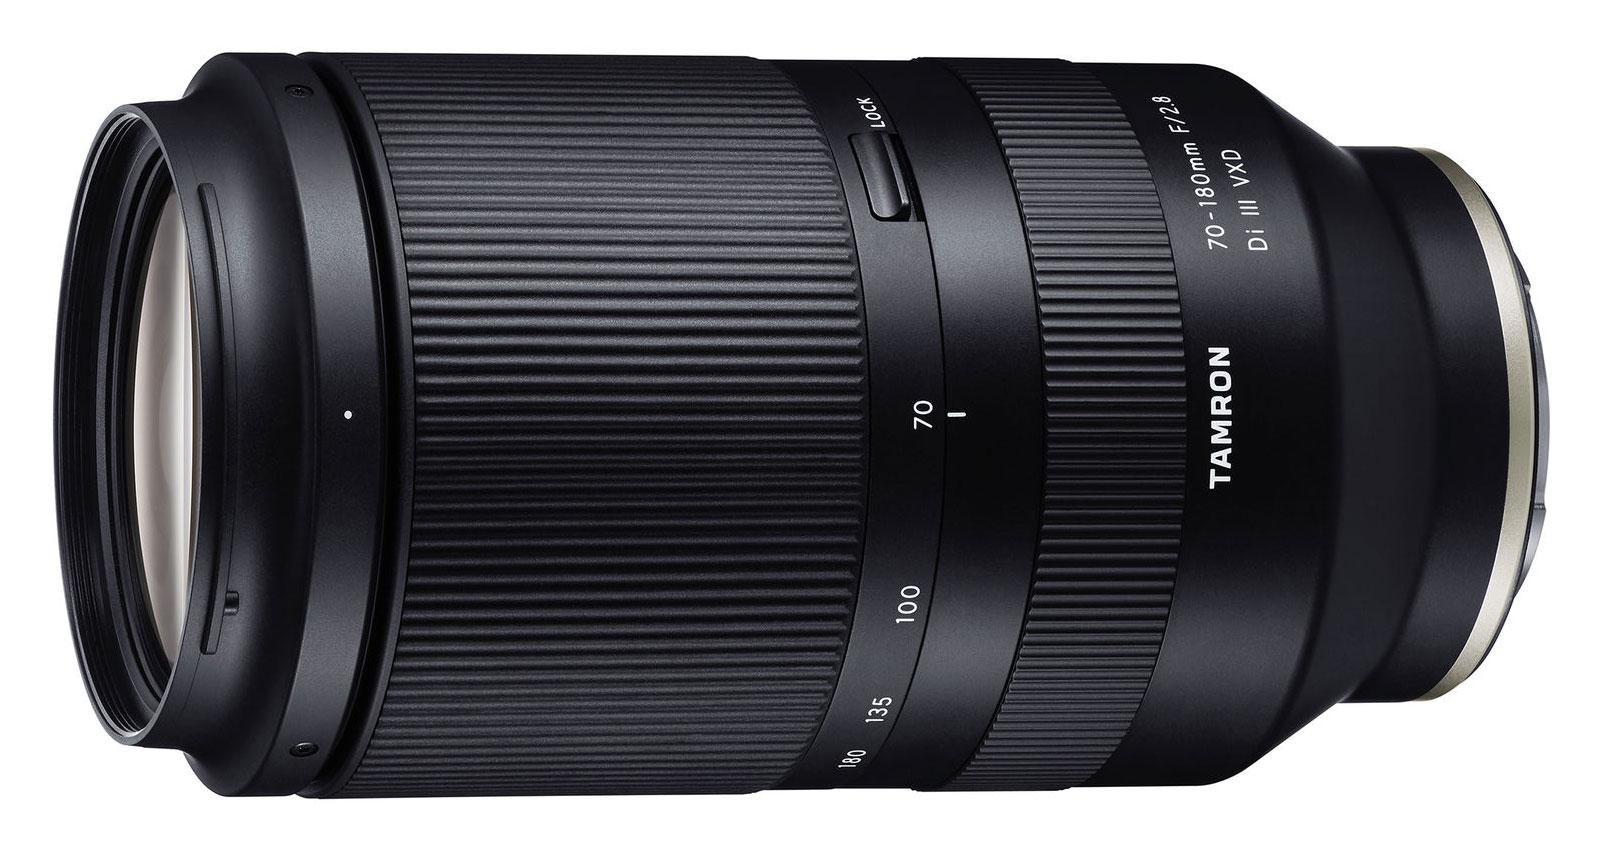 Tamron 70-180mm f/2.8 Di III VXD FE Lens